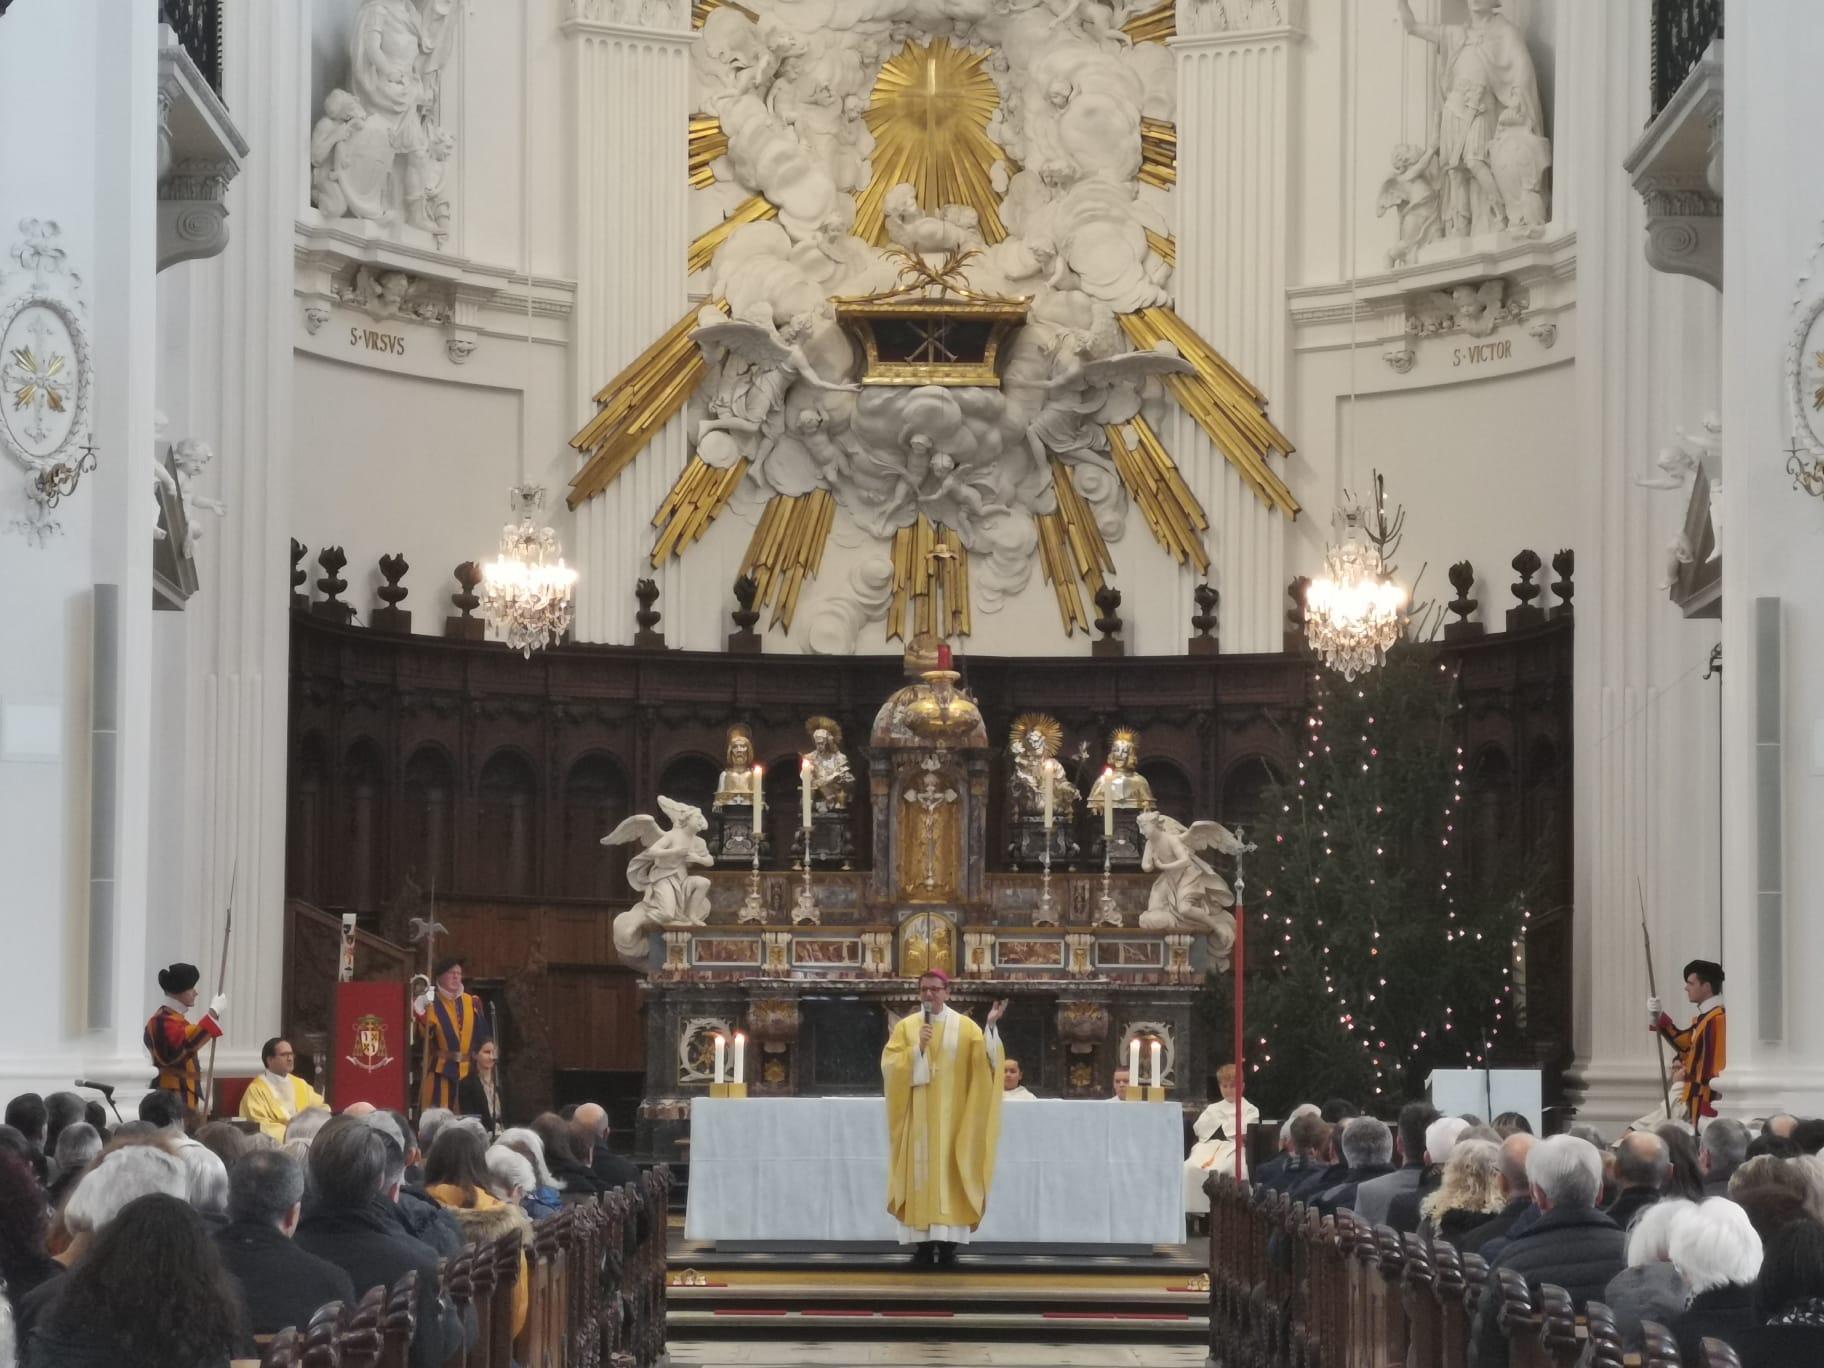 image-10917110-Weihnachtsverstellen_2019_St._Ursen_(1)-aab32.jpeg?1609148724810